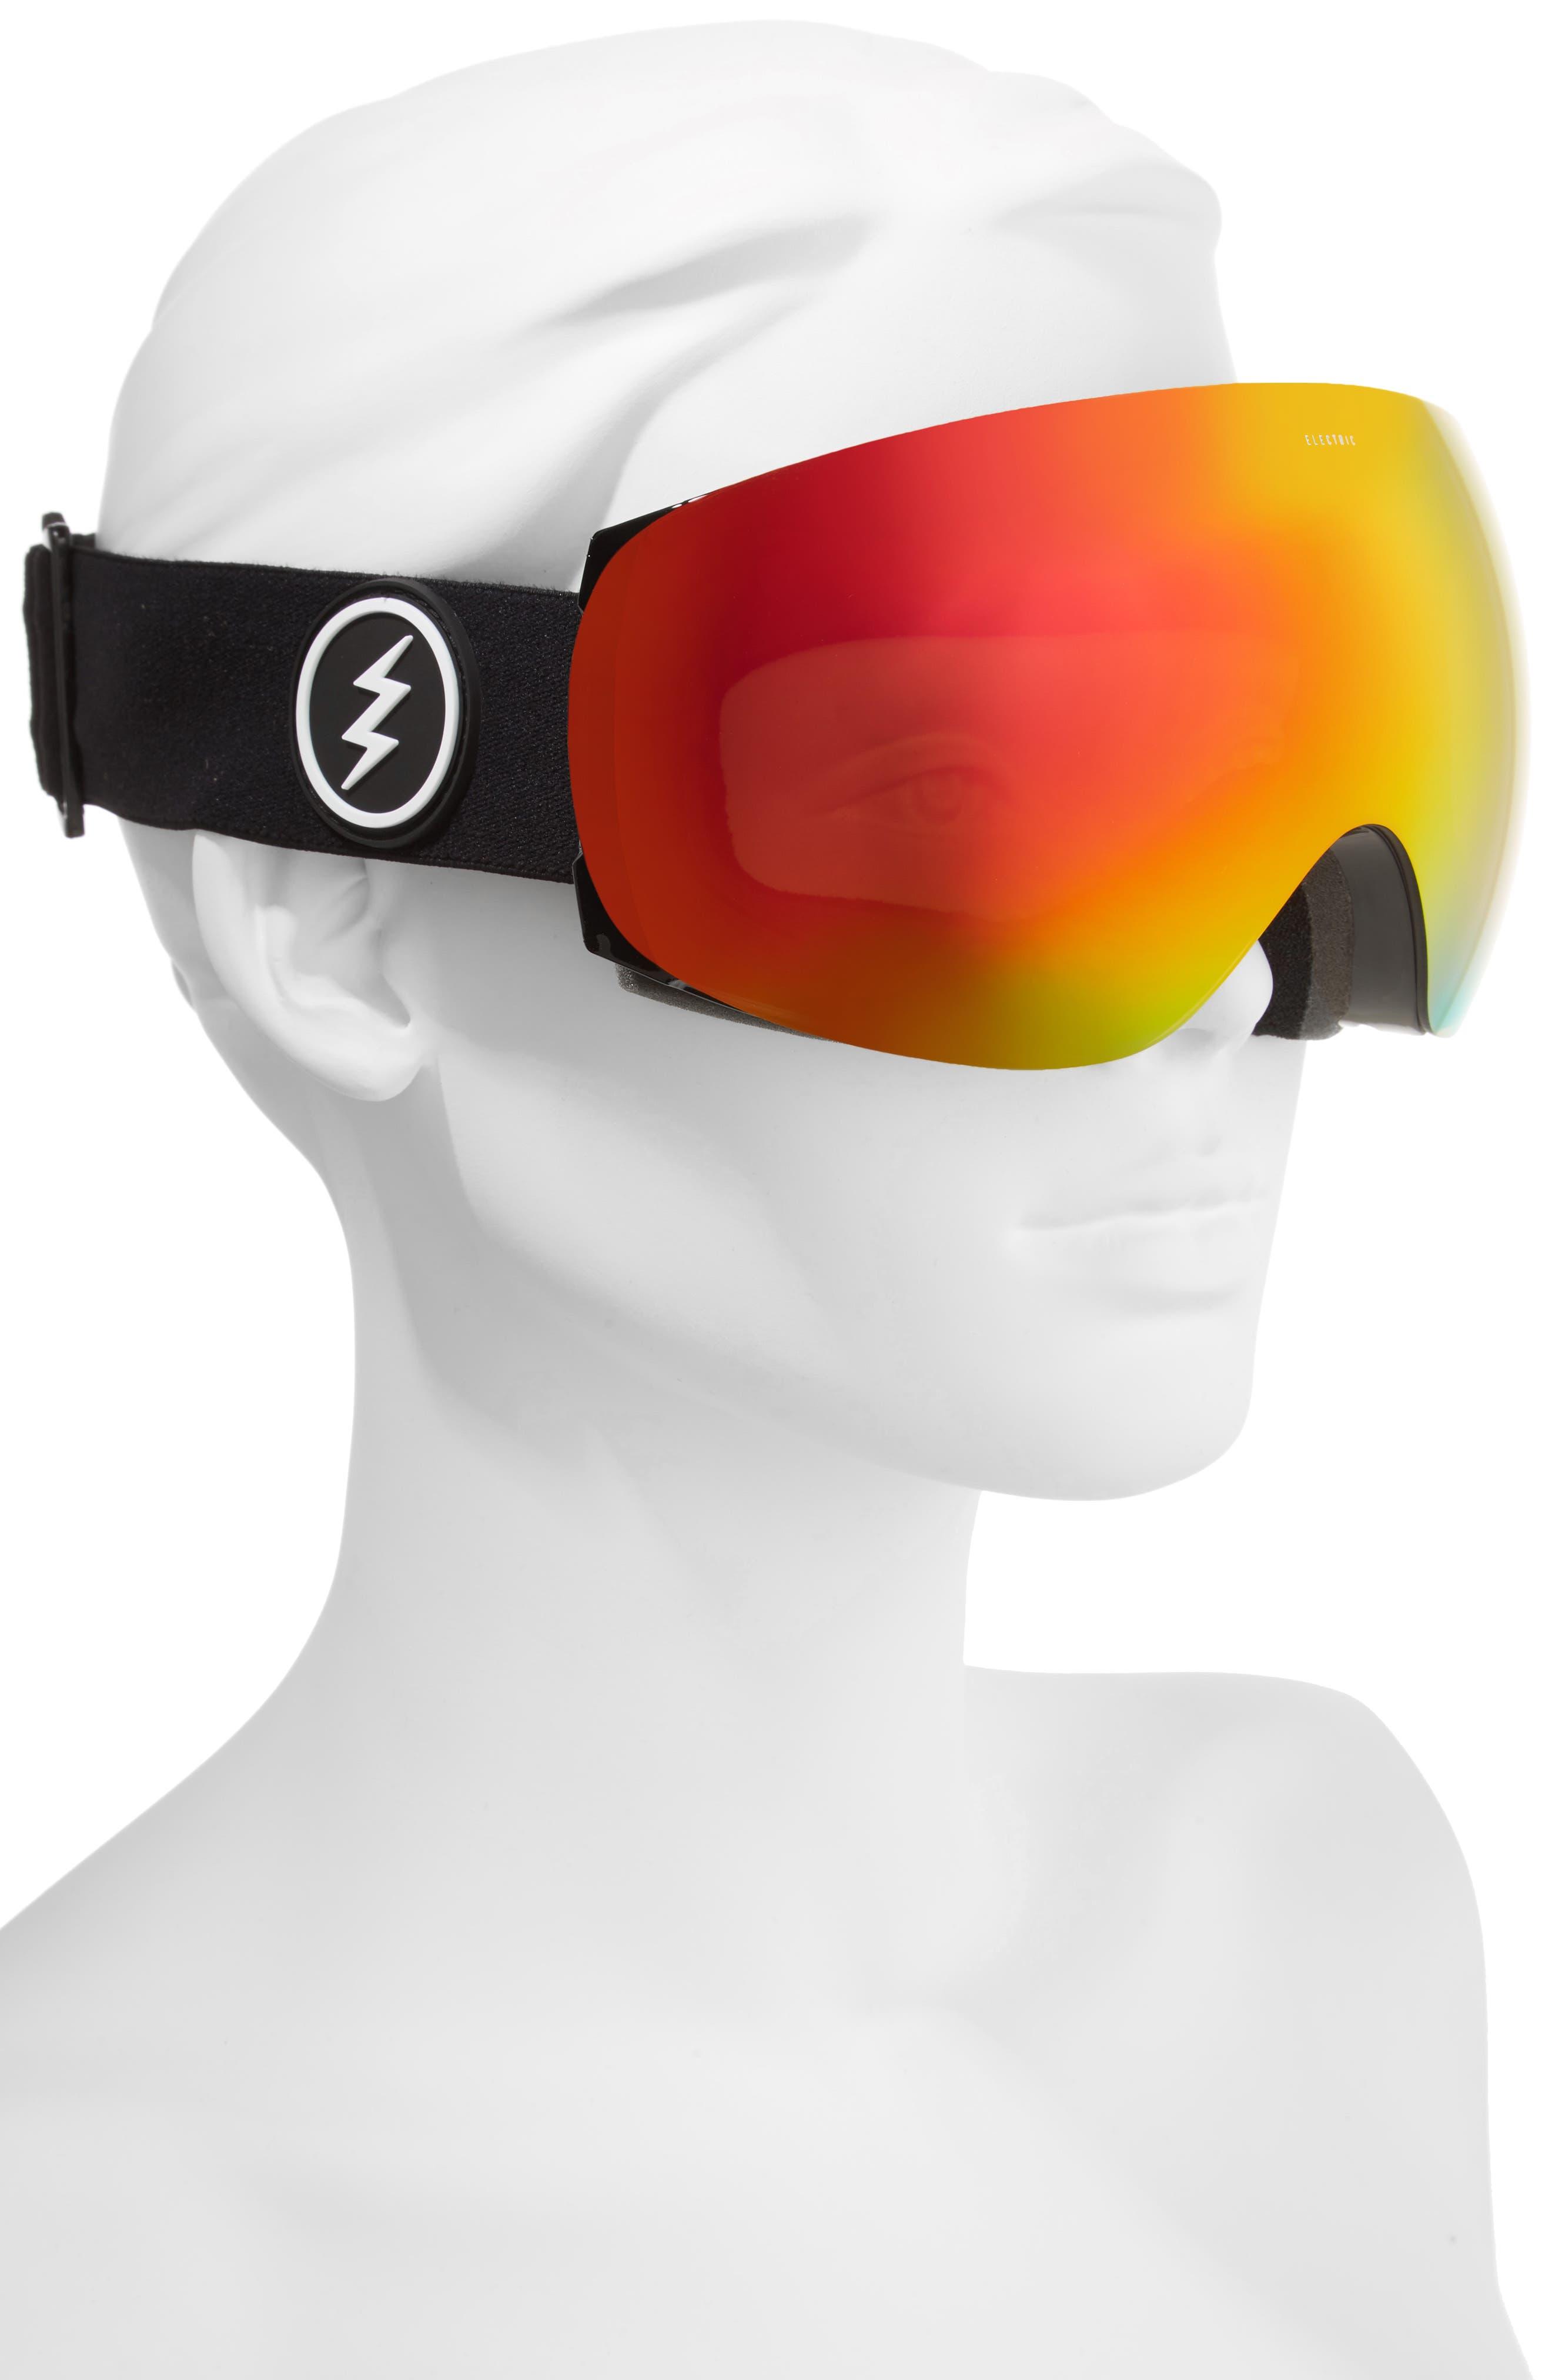 EG3.5 Snow Goggles,                             Alternate thumbnail 2, color,                             Gloss Black/ Red Chrome